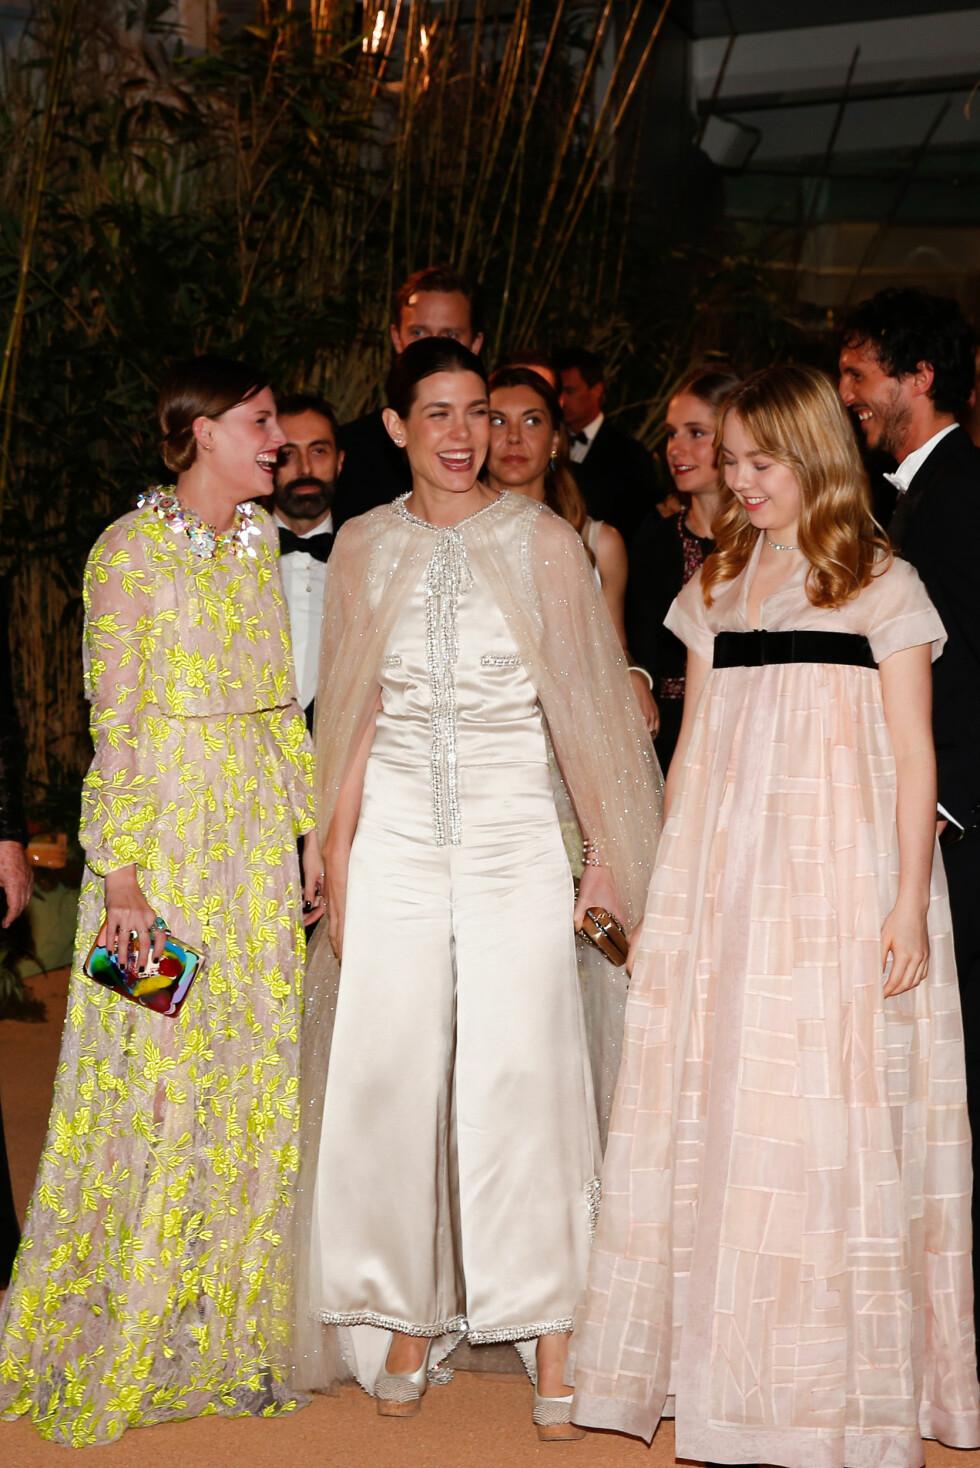 MORO: Det var god stemning å spore mellom Alexandra, storesøster Charlotte og deres venninne Juliette. Foto: NTB Scanpix